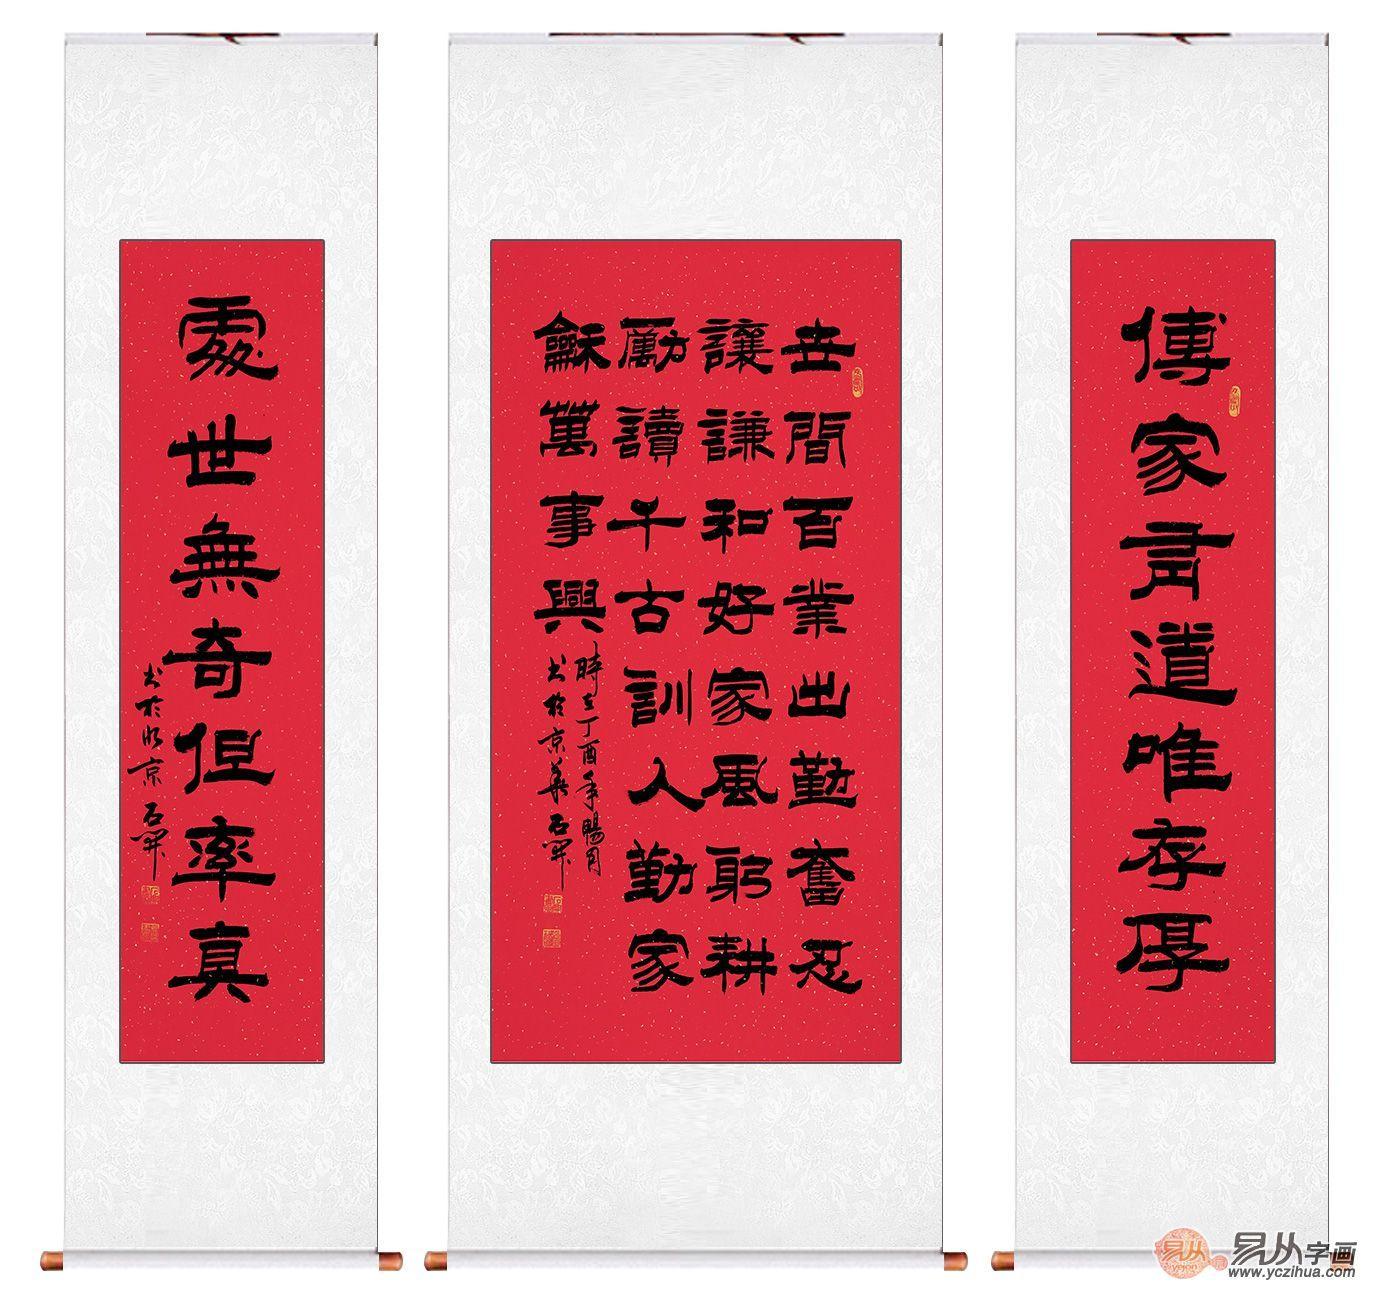 中堂字画作品欣赏,客厅挂画首选